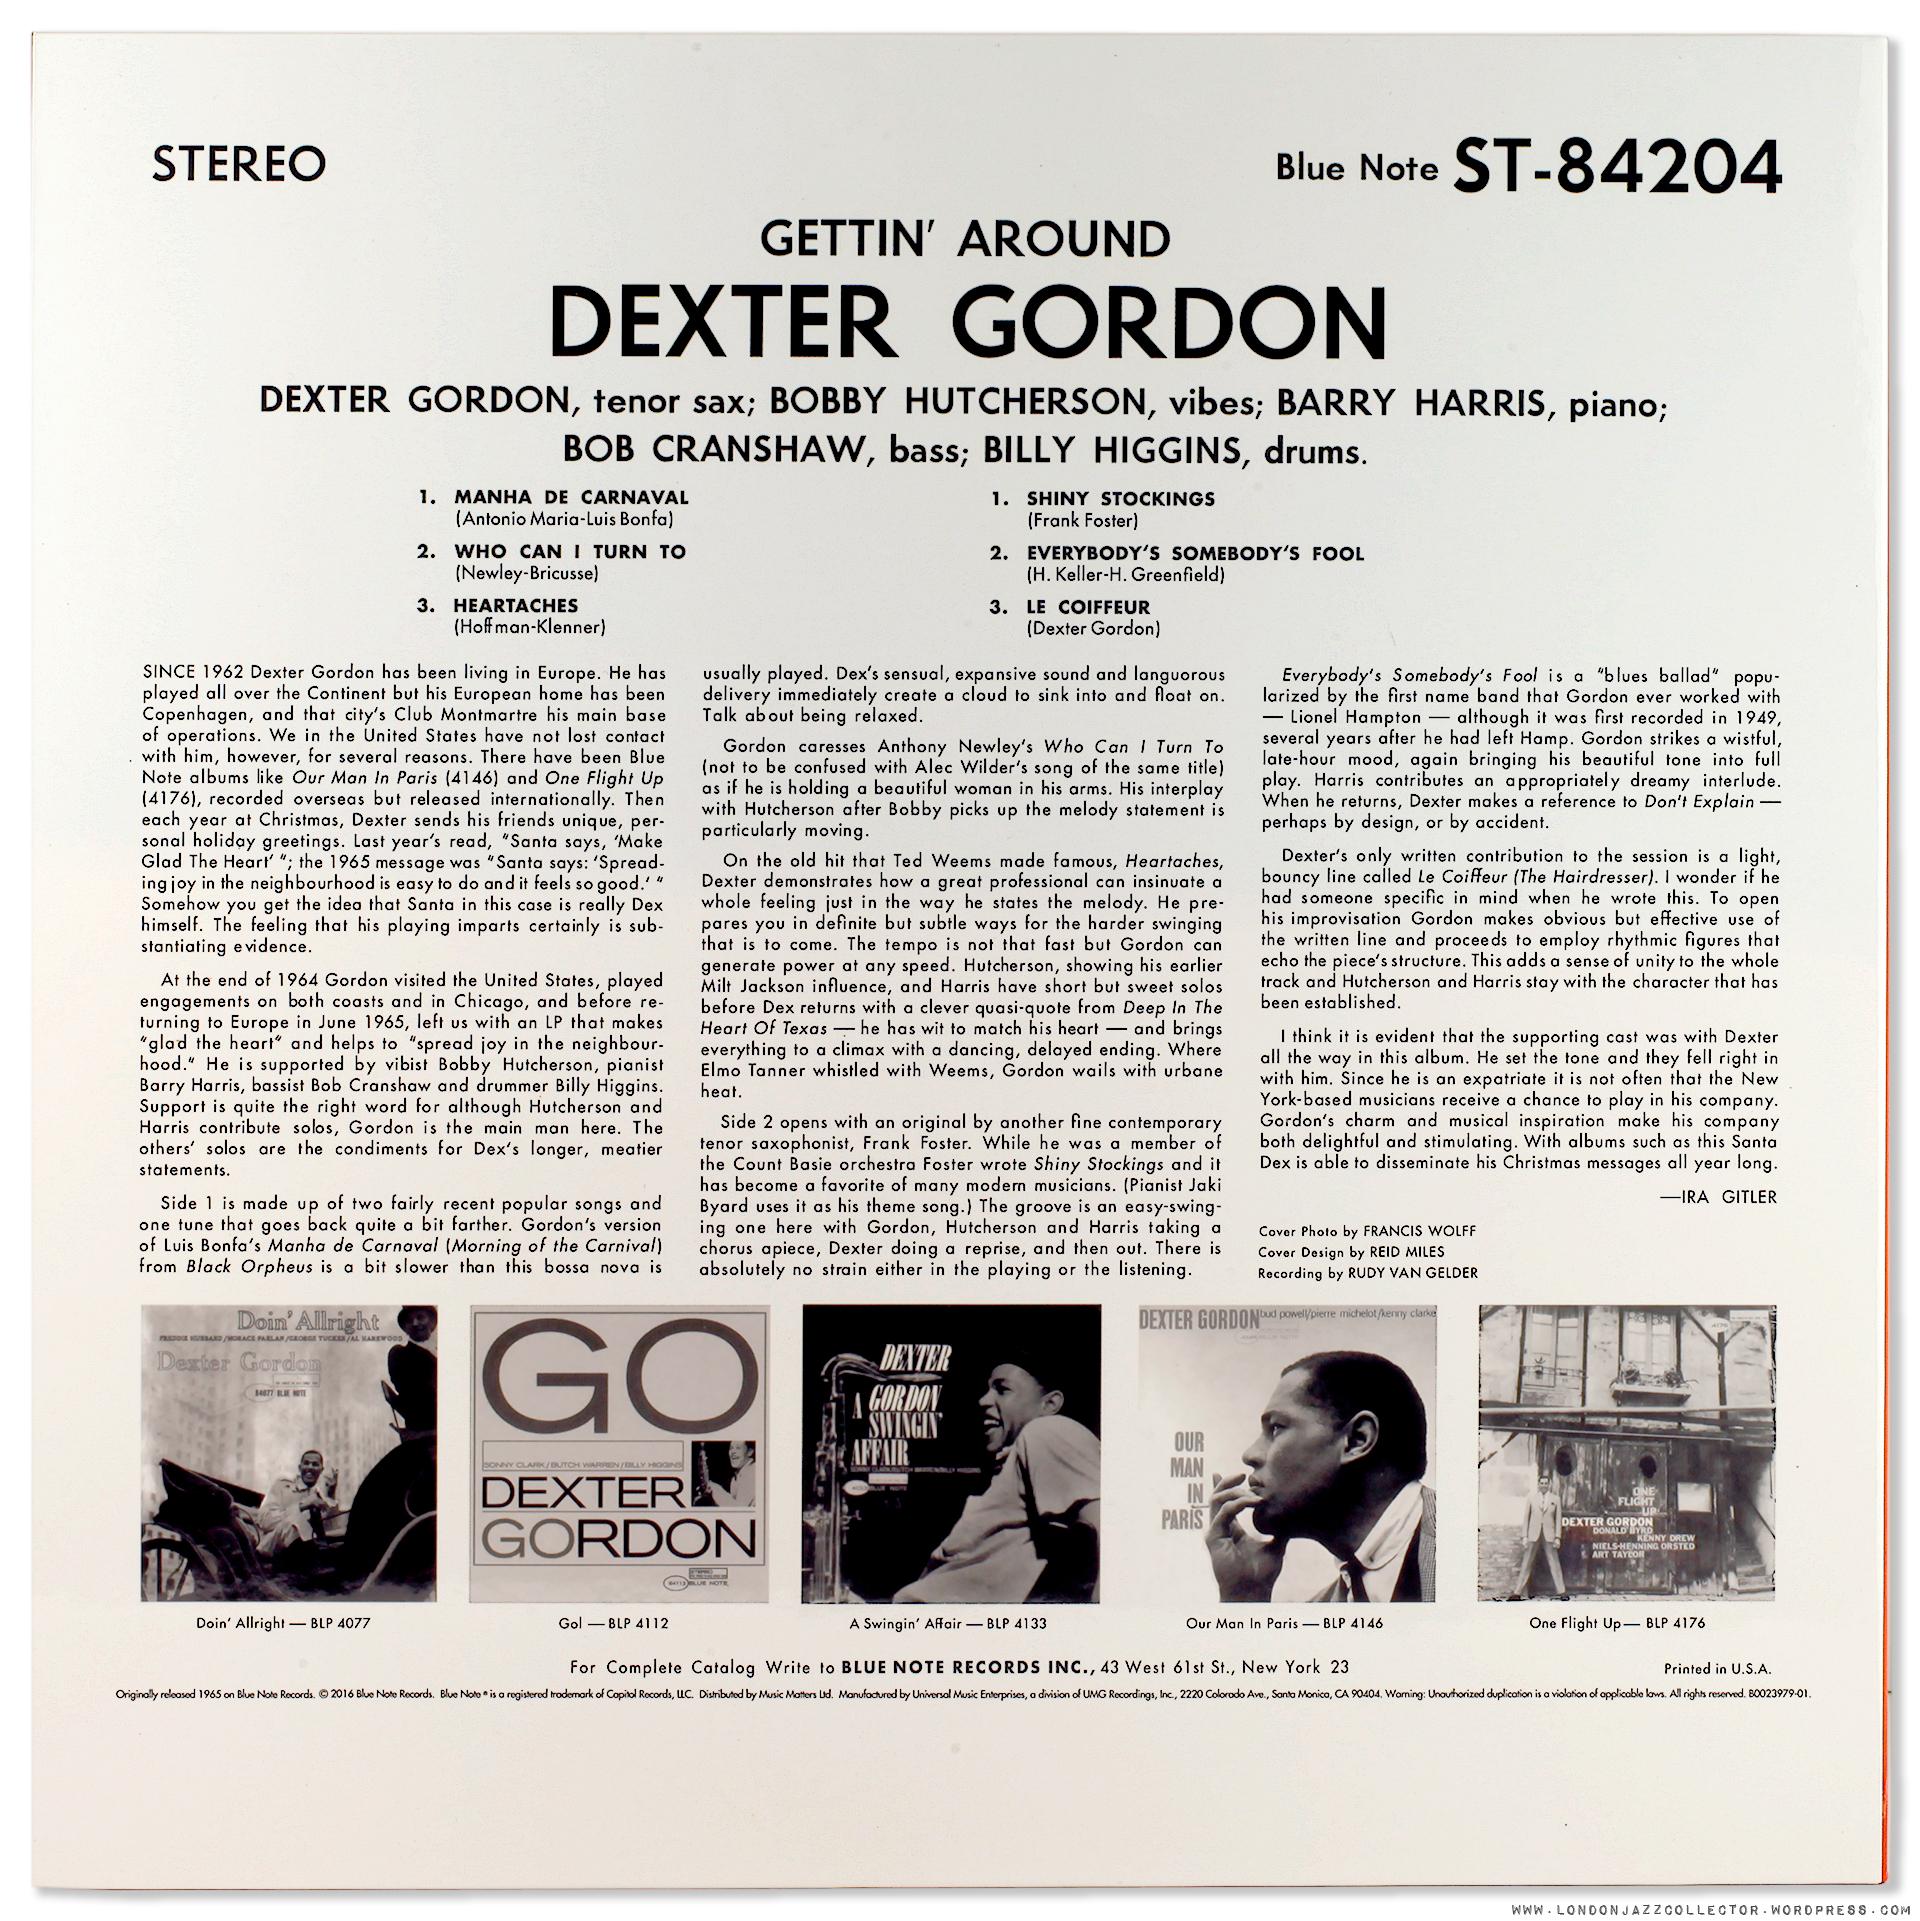 dexter-gordon-gettin-around-blue-note-mm33-back-1920-ljc